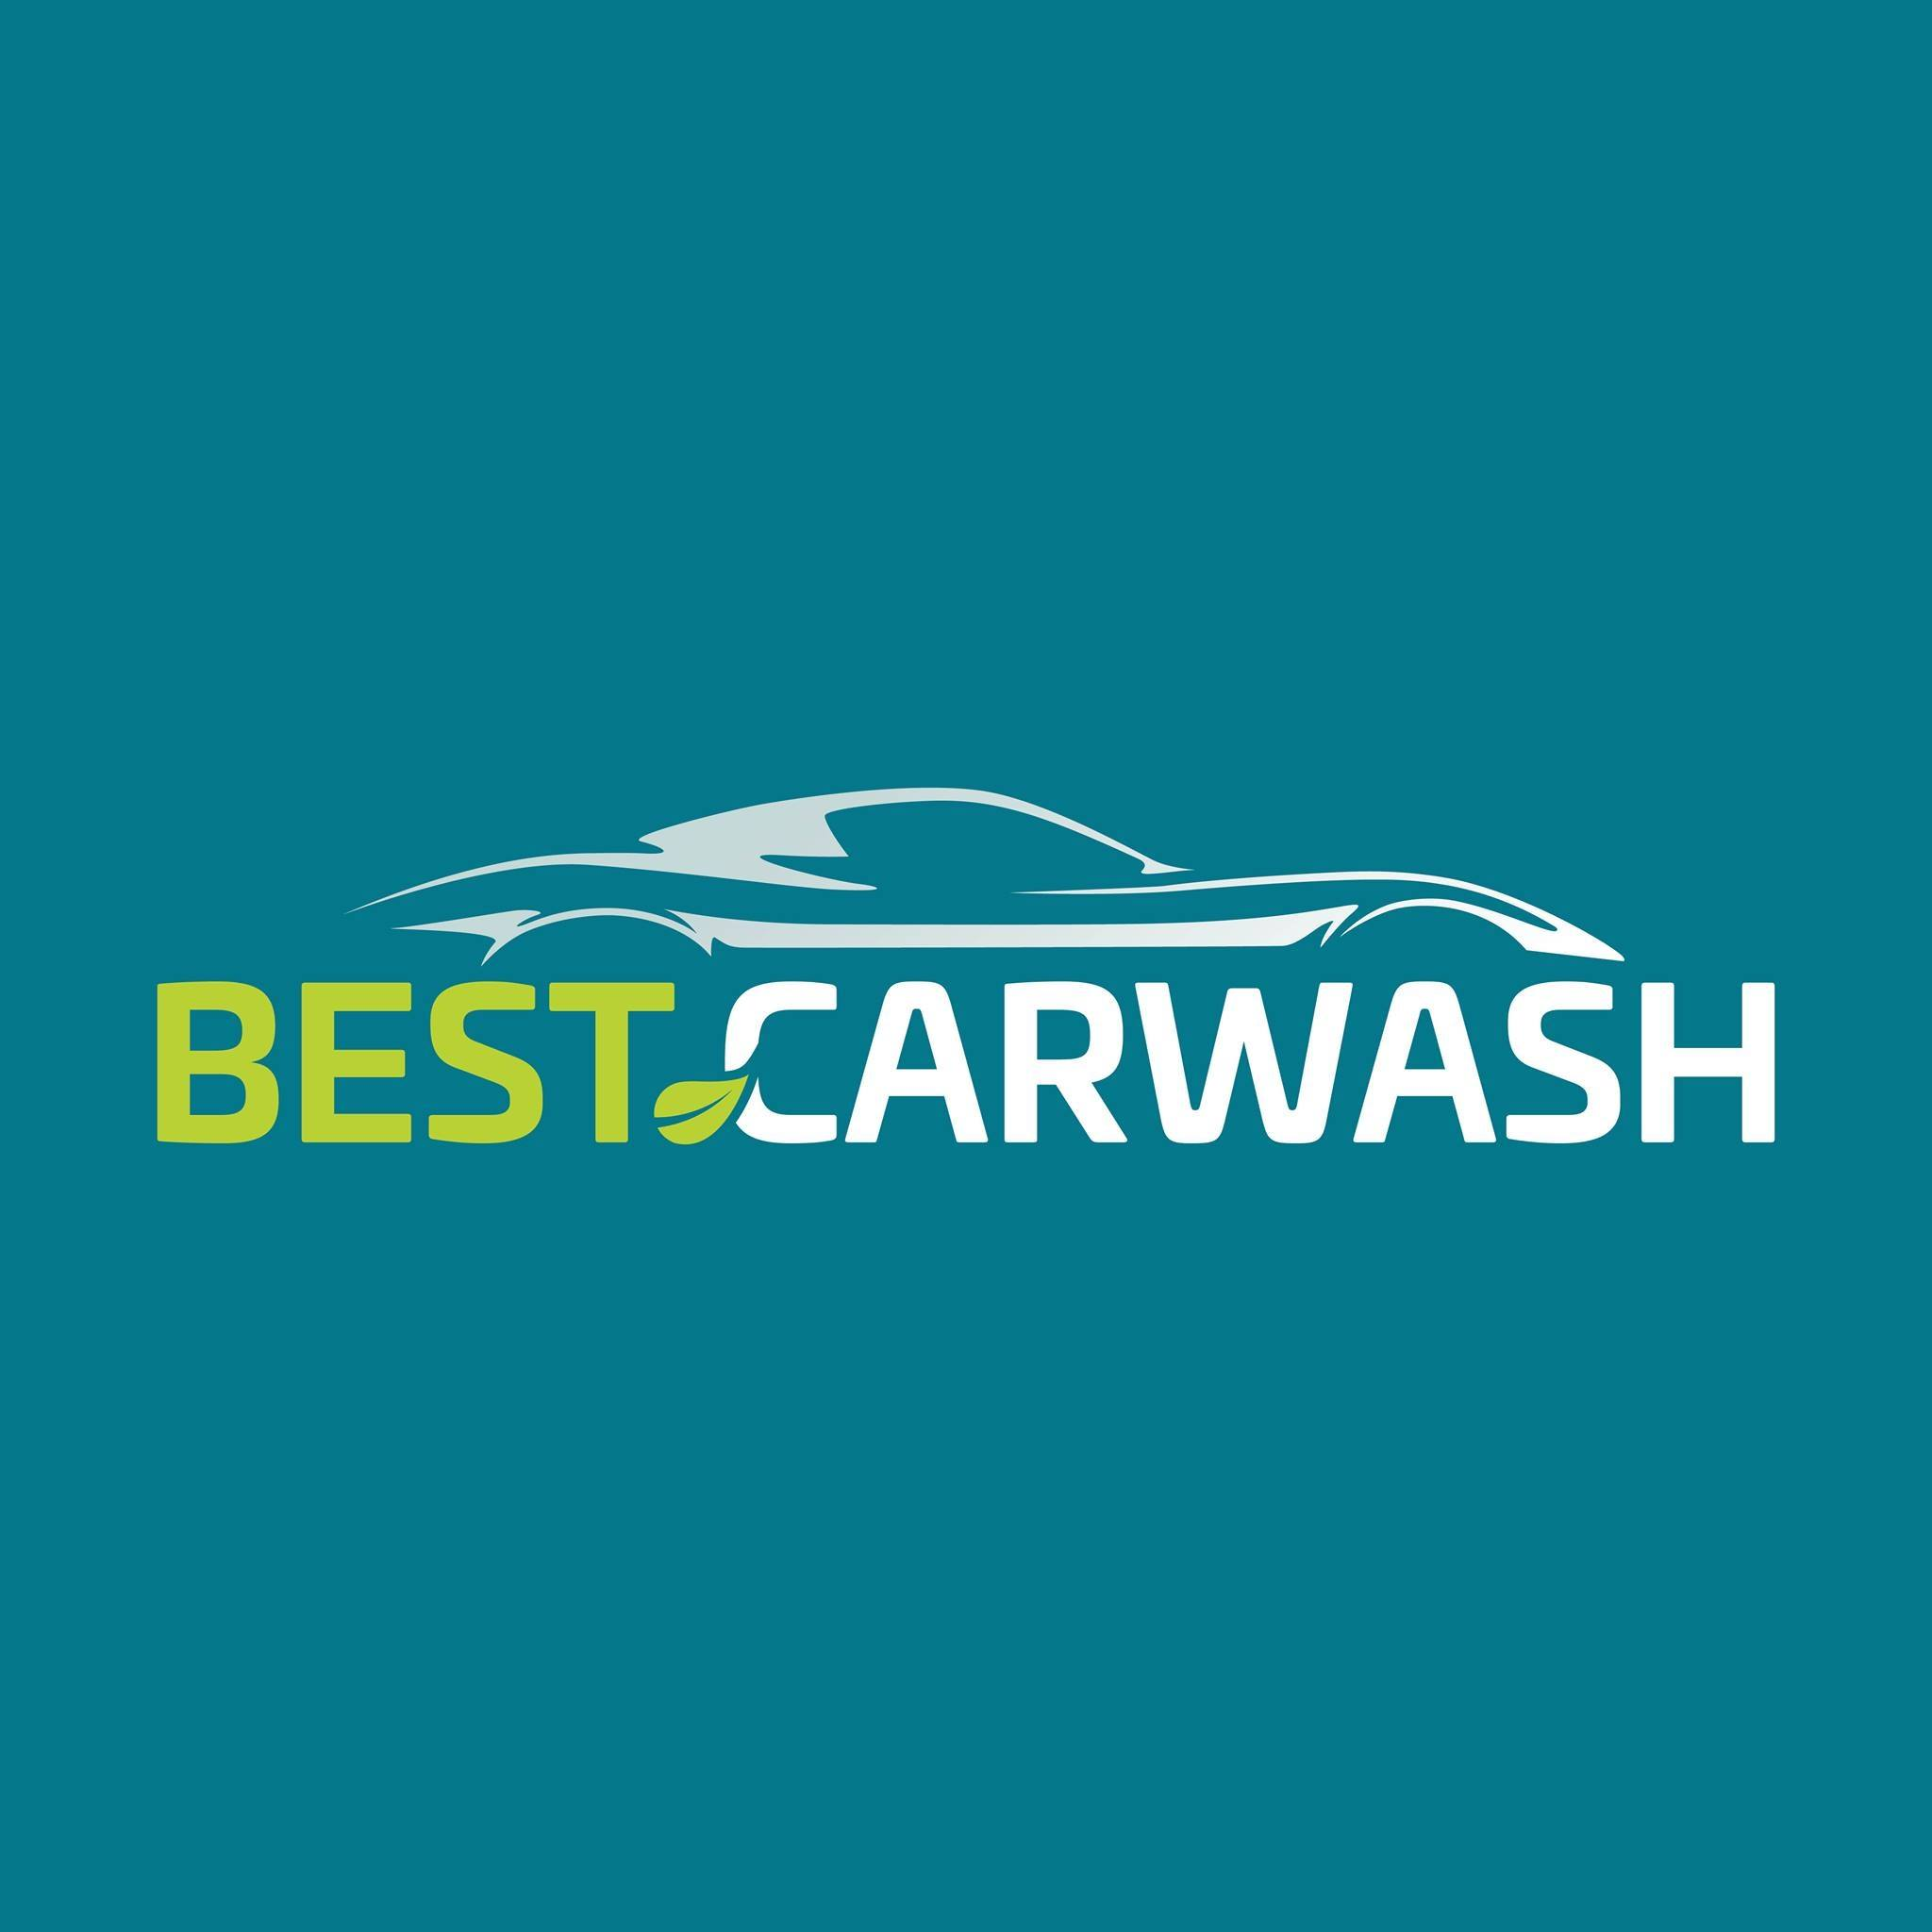 Best Carwash